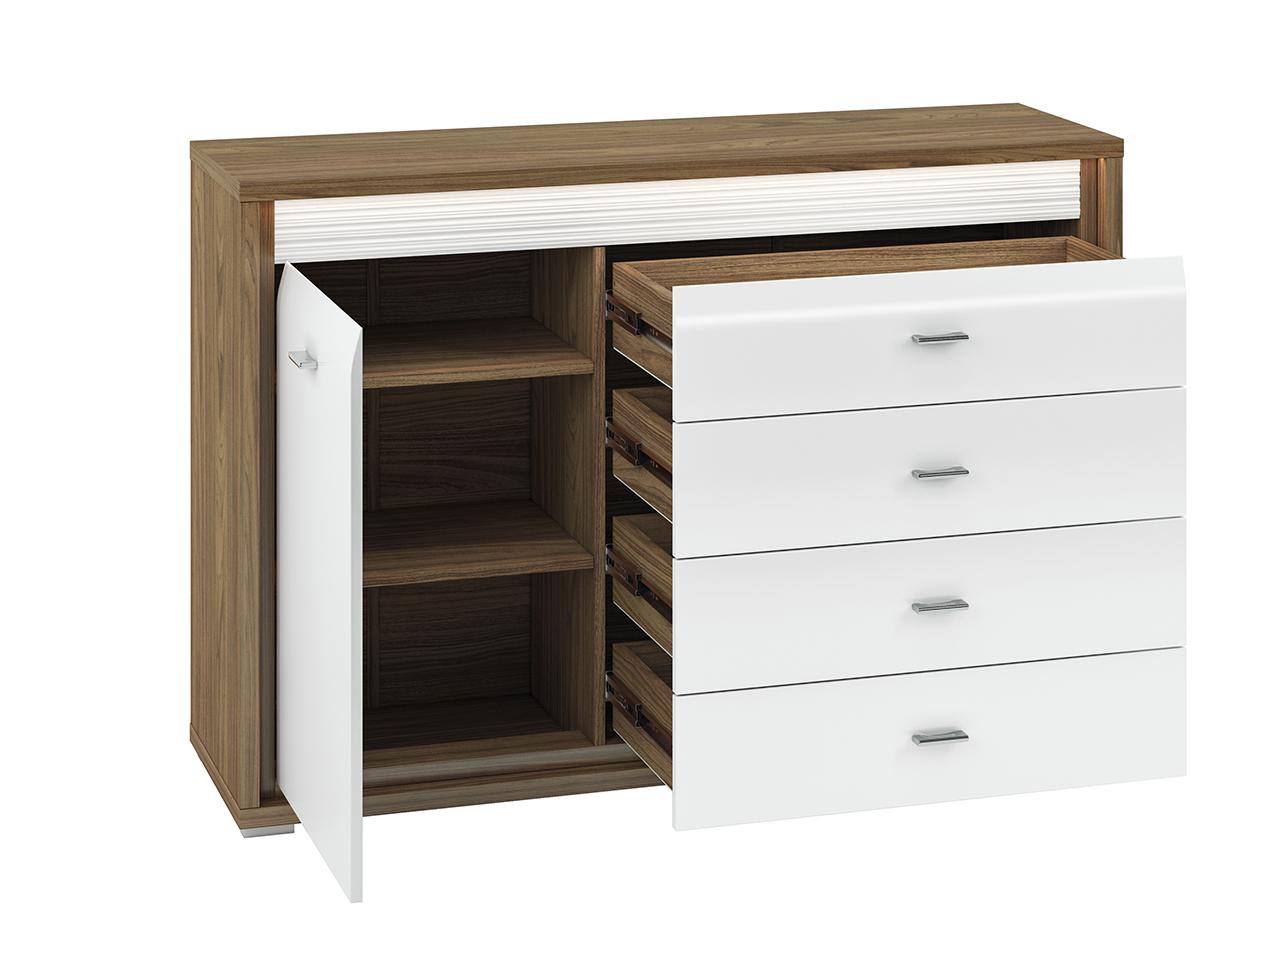 Komoda ORLANDO OR03 Dallas z szufladami i półkami - orzech naturalny biały połysk